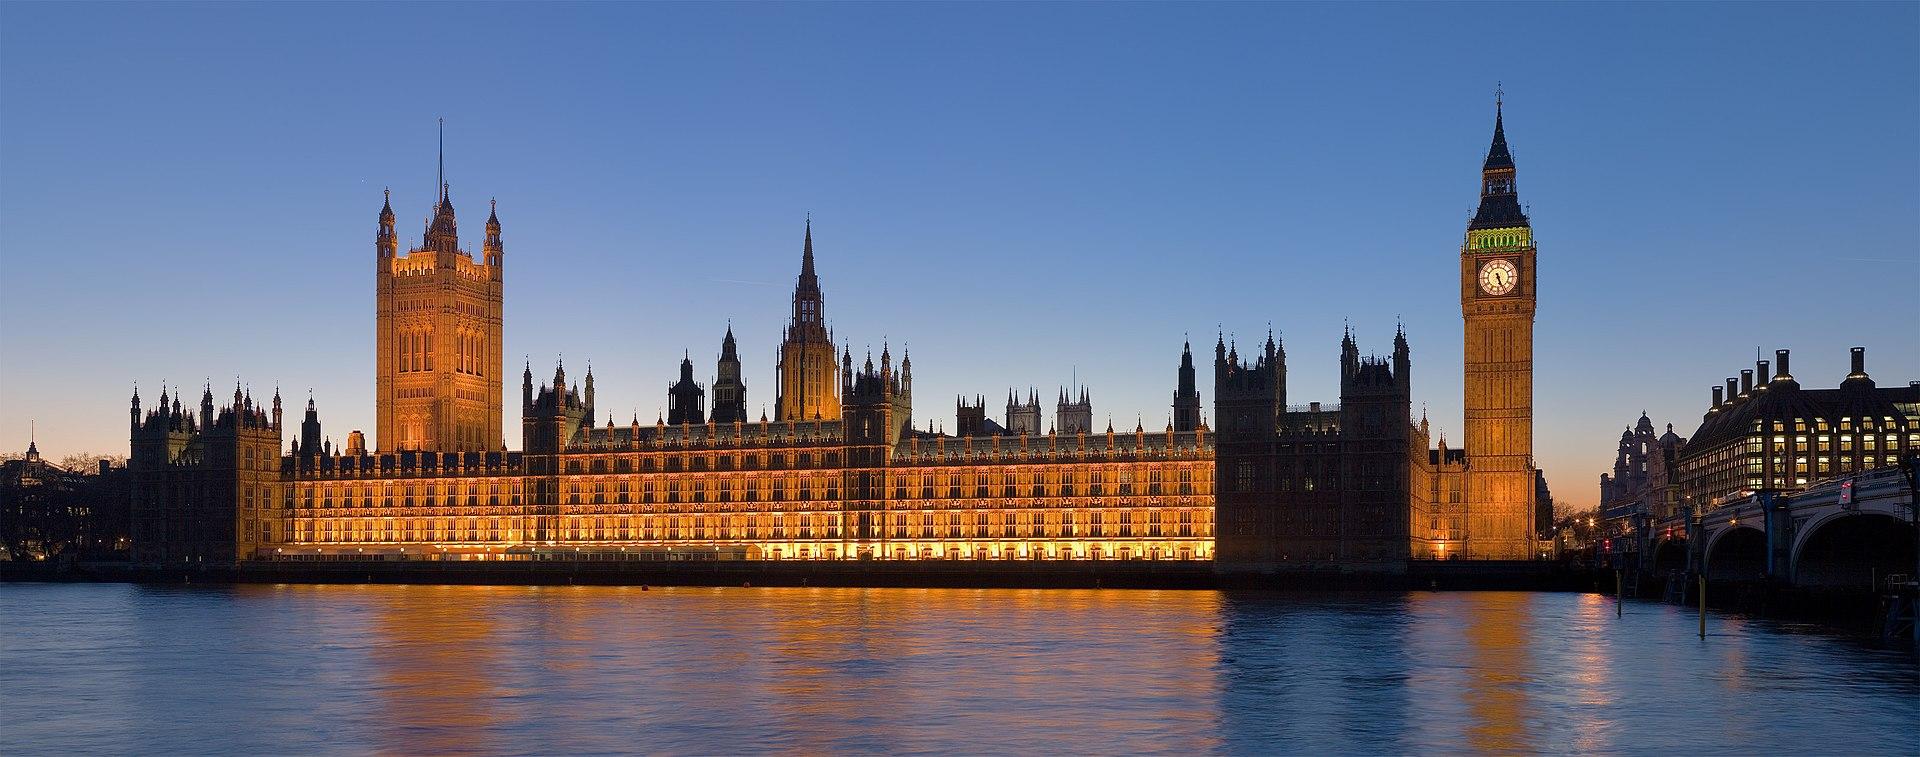 英20名議員籲修貿易案 擺脫對華依賴